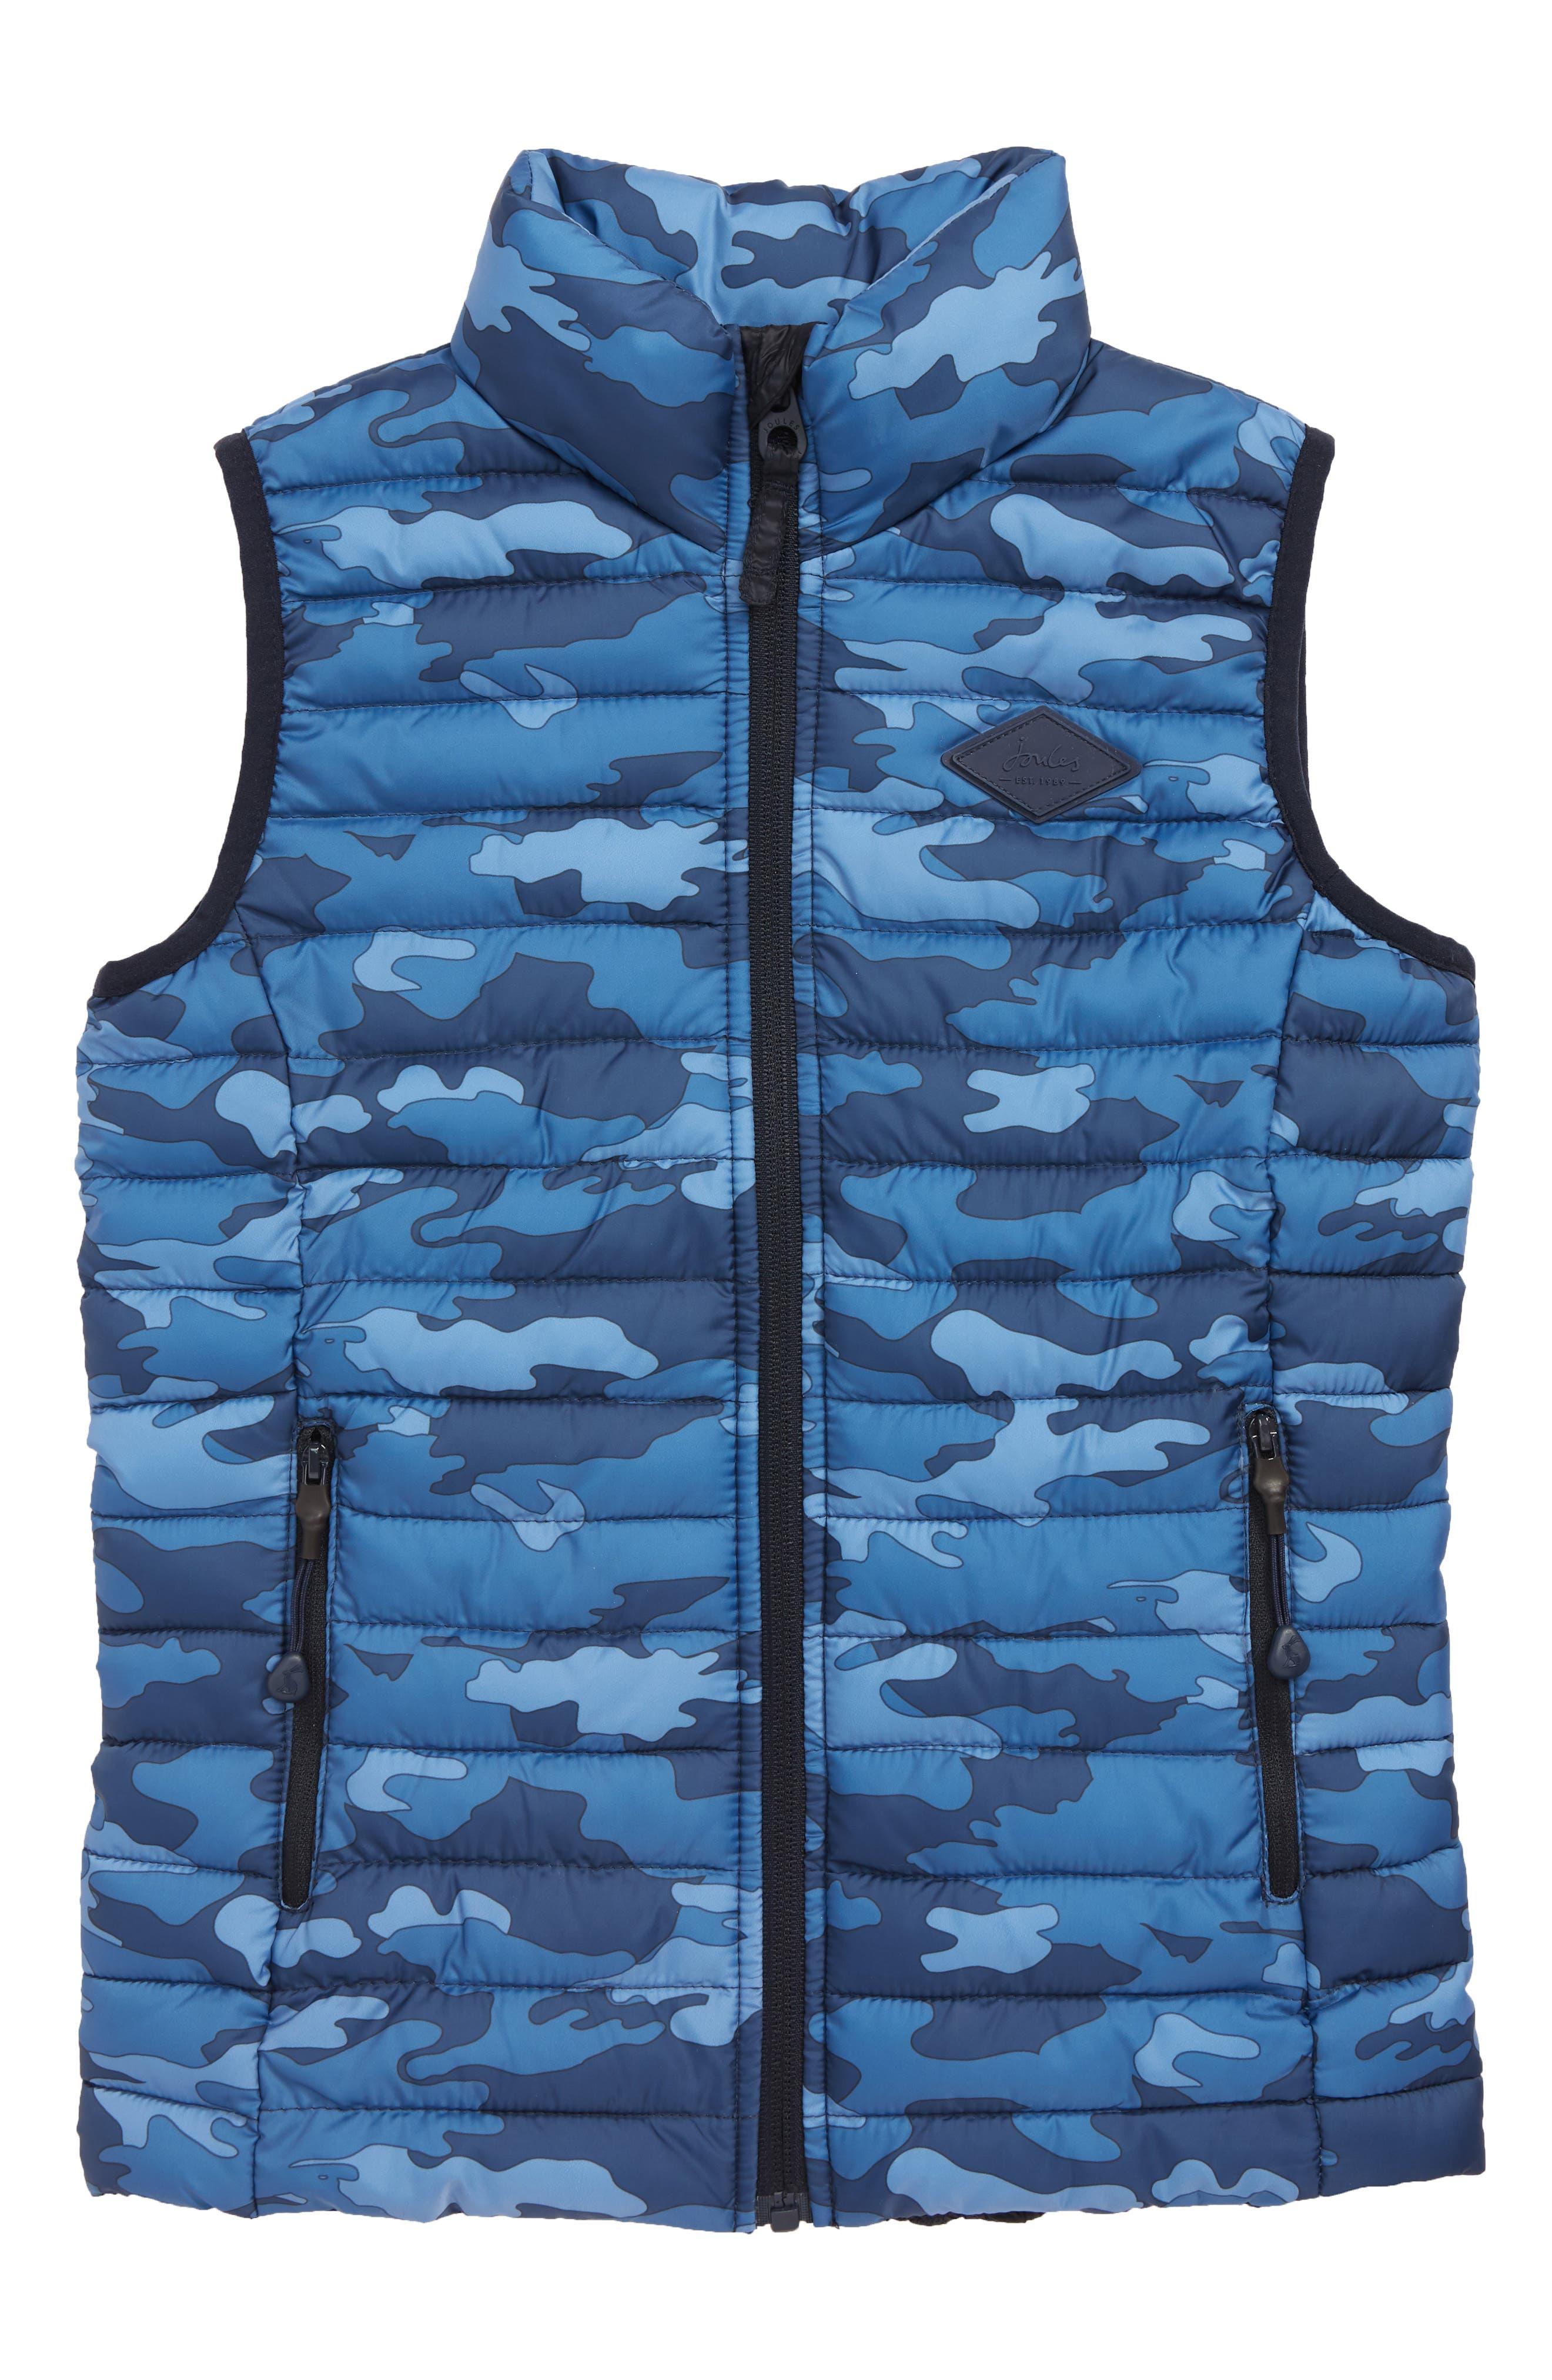 Boys Joules Crofton Print Packable Vest